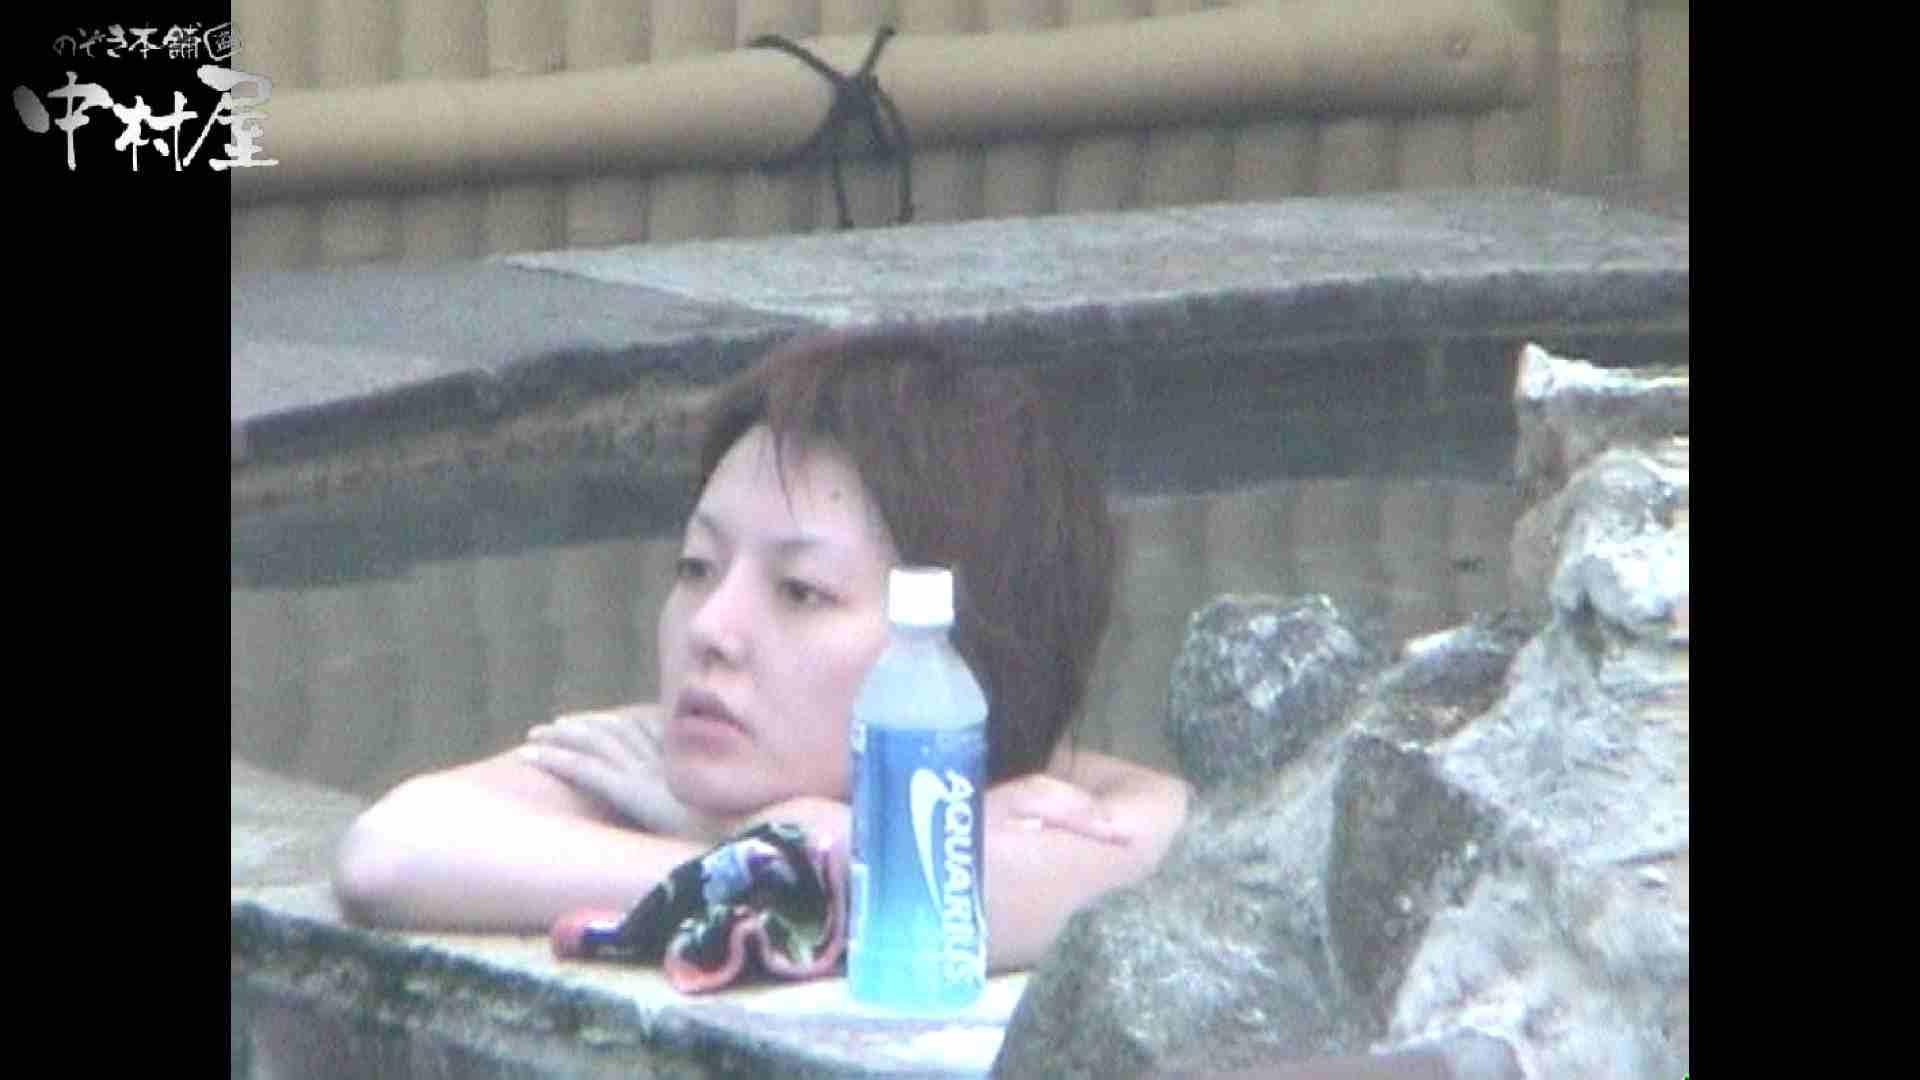 Aquaな露天風呂Vol.959 盗撮シリーズ  80PIX 38